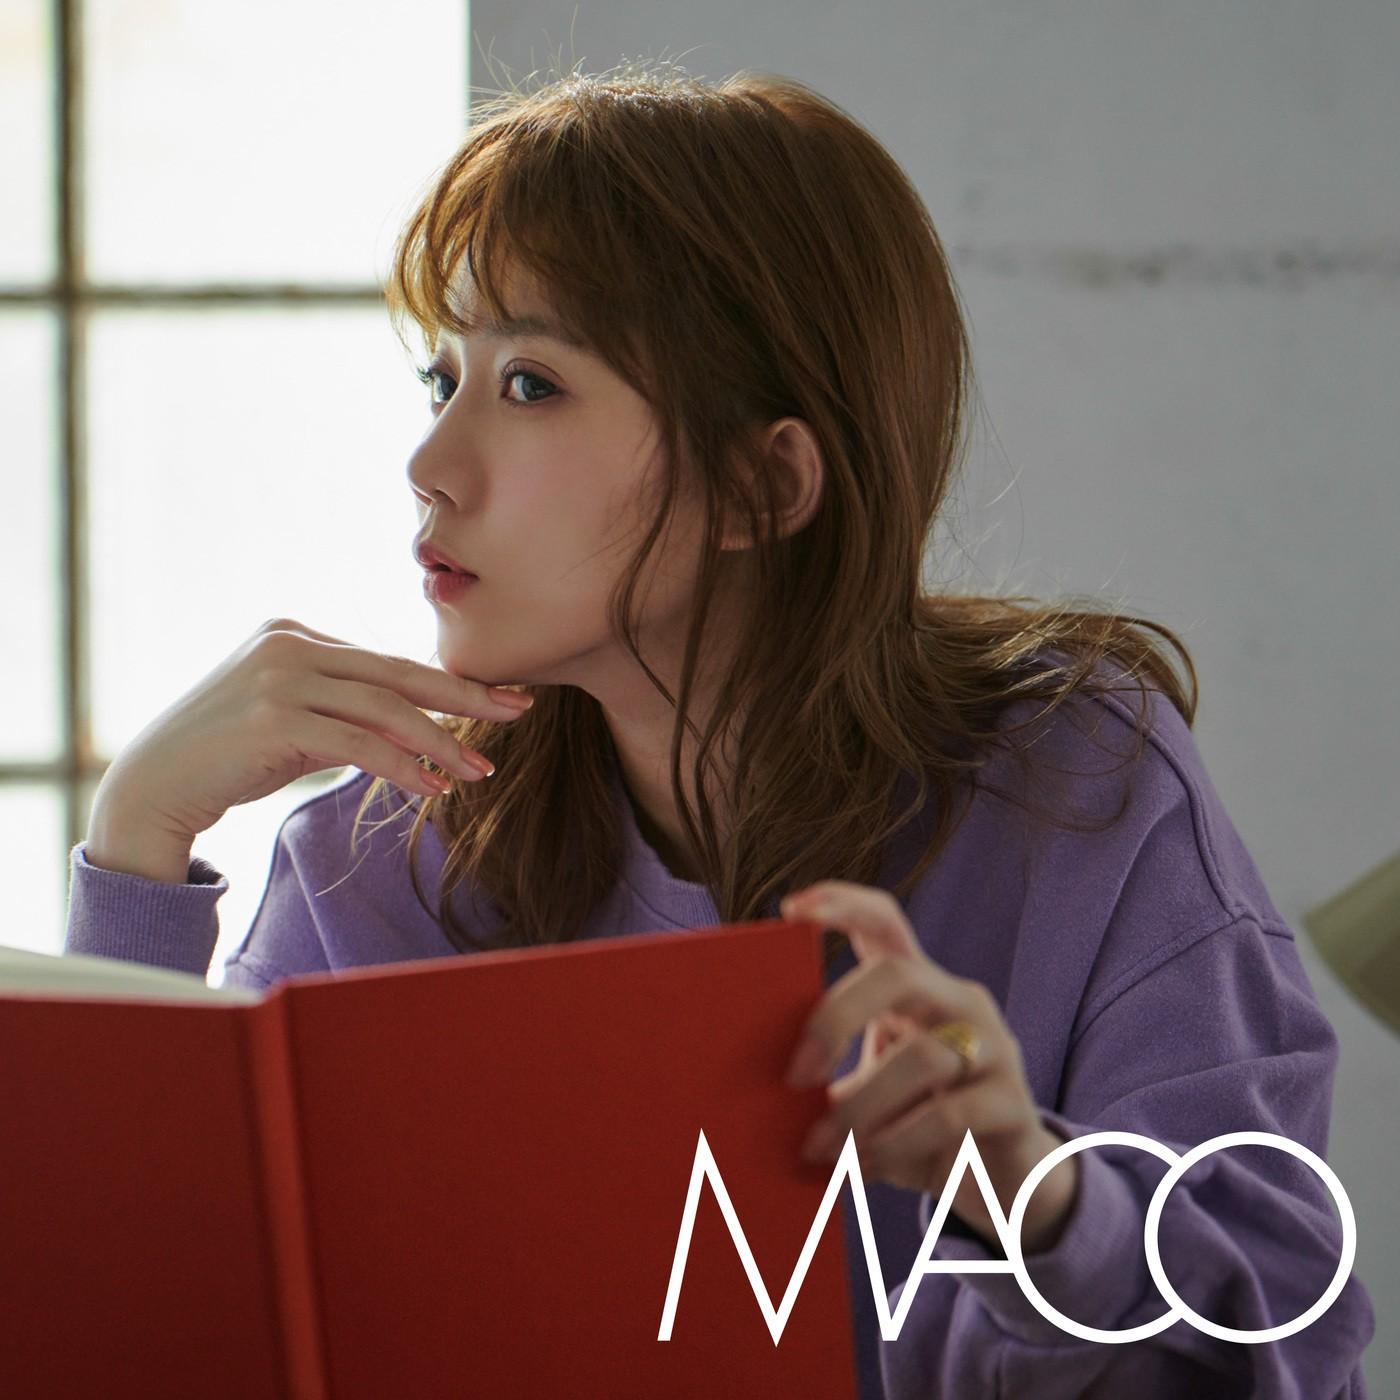 MACO – 交換日記 [FLAC / WEB] [2018.12.05]